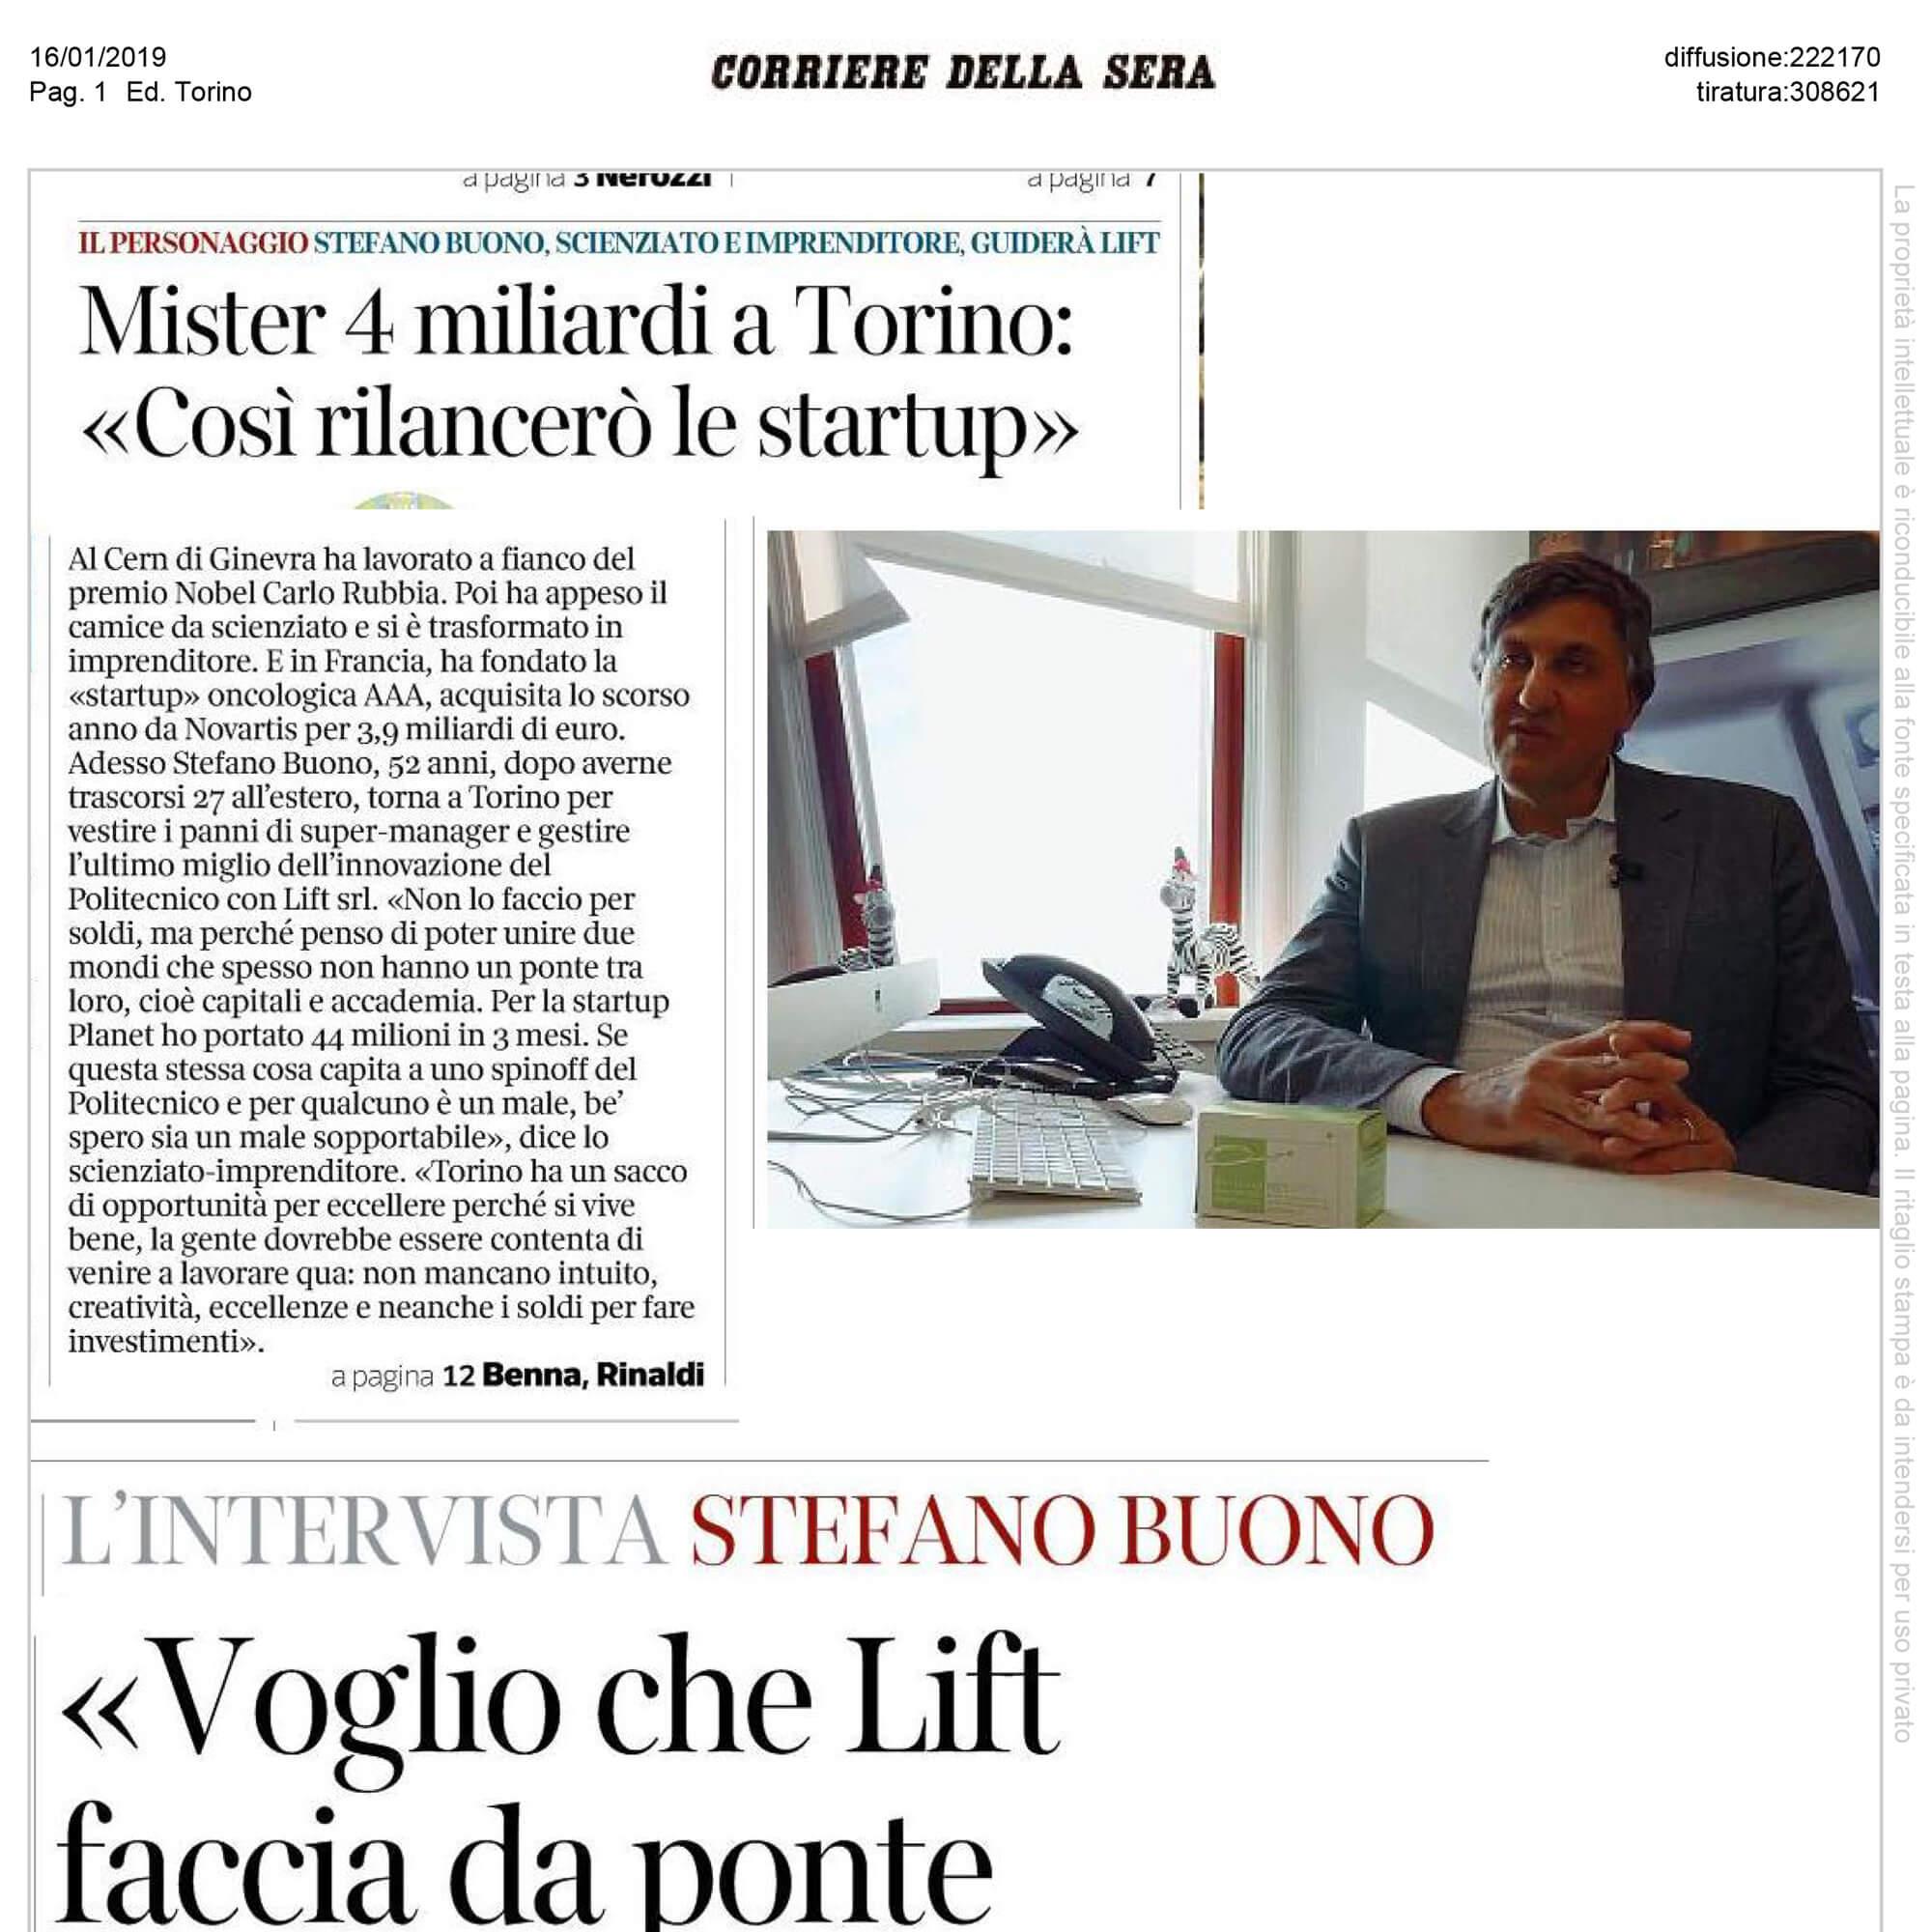 2019-01-16_LIFTT_Corriere_della_Sera